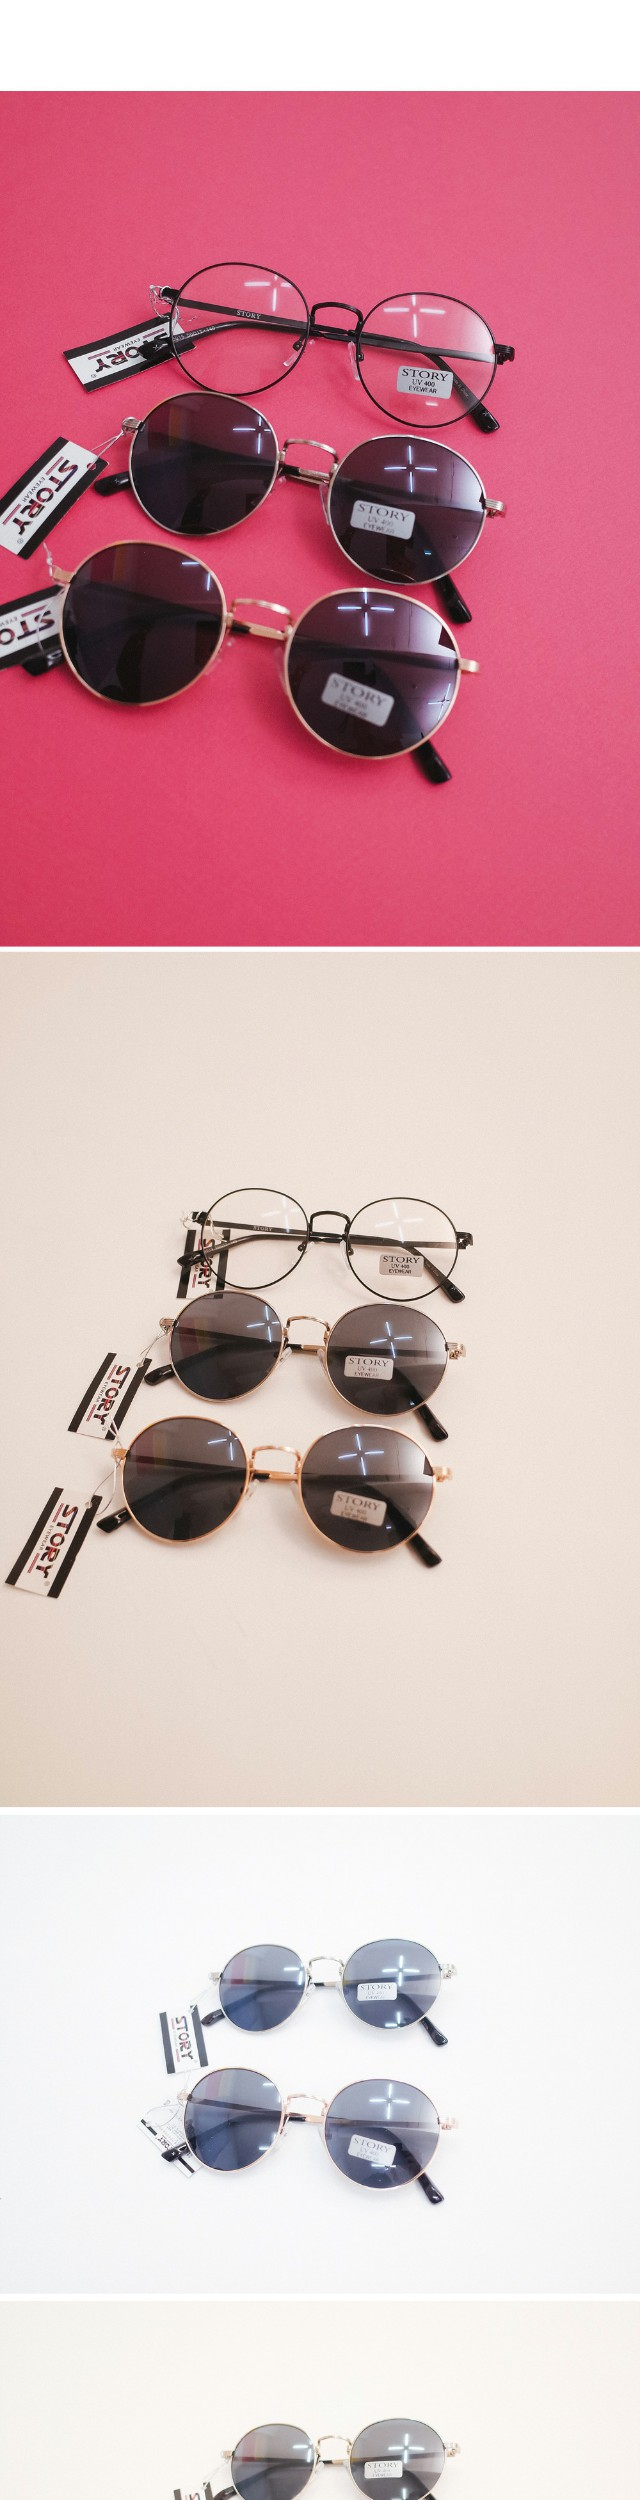 3015 Glasses (acc191)